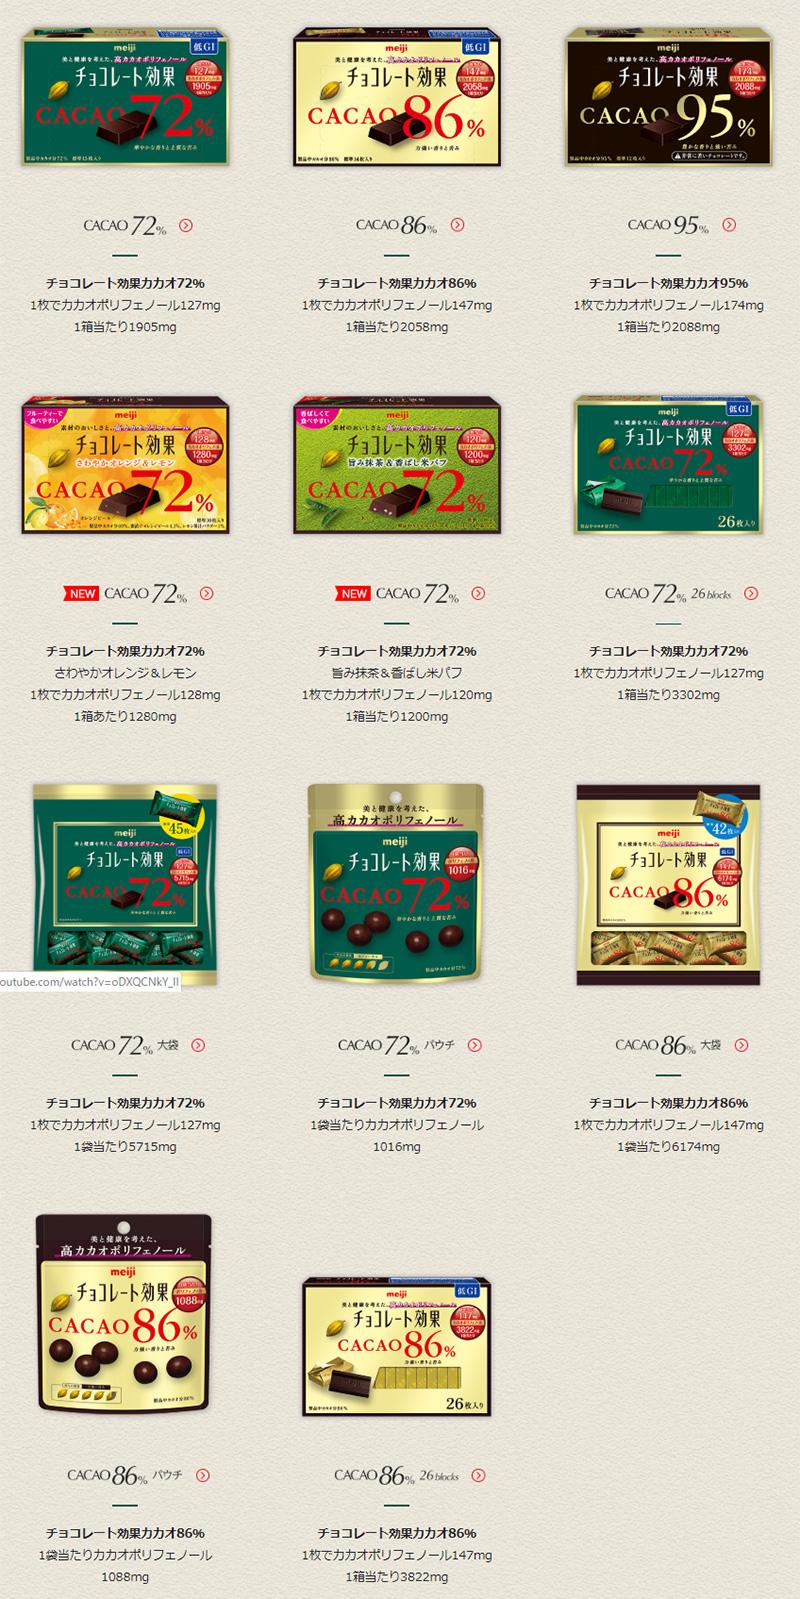 明治 チョコレート効果 懸賞キャンペーン2019~2020 対象商品